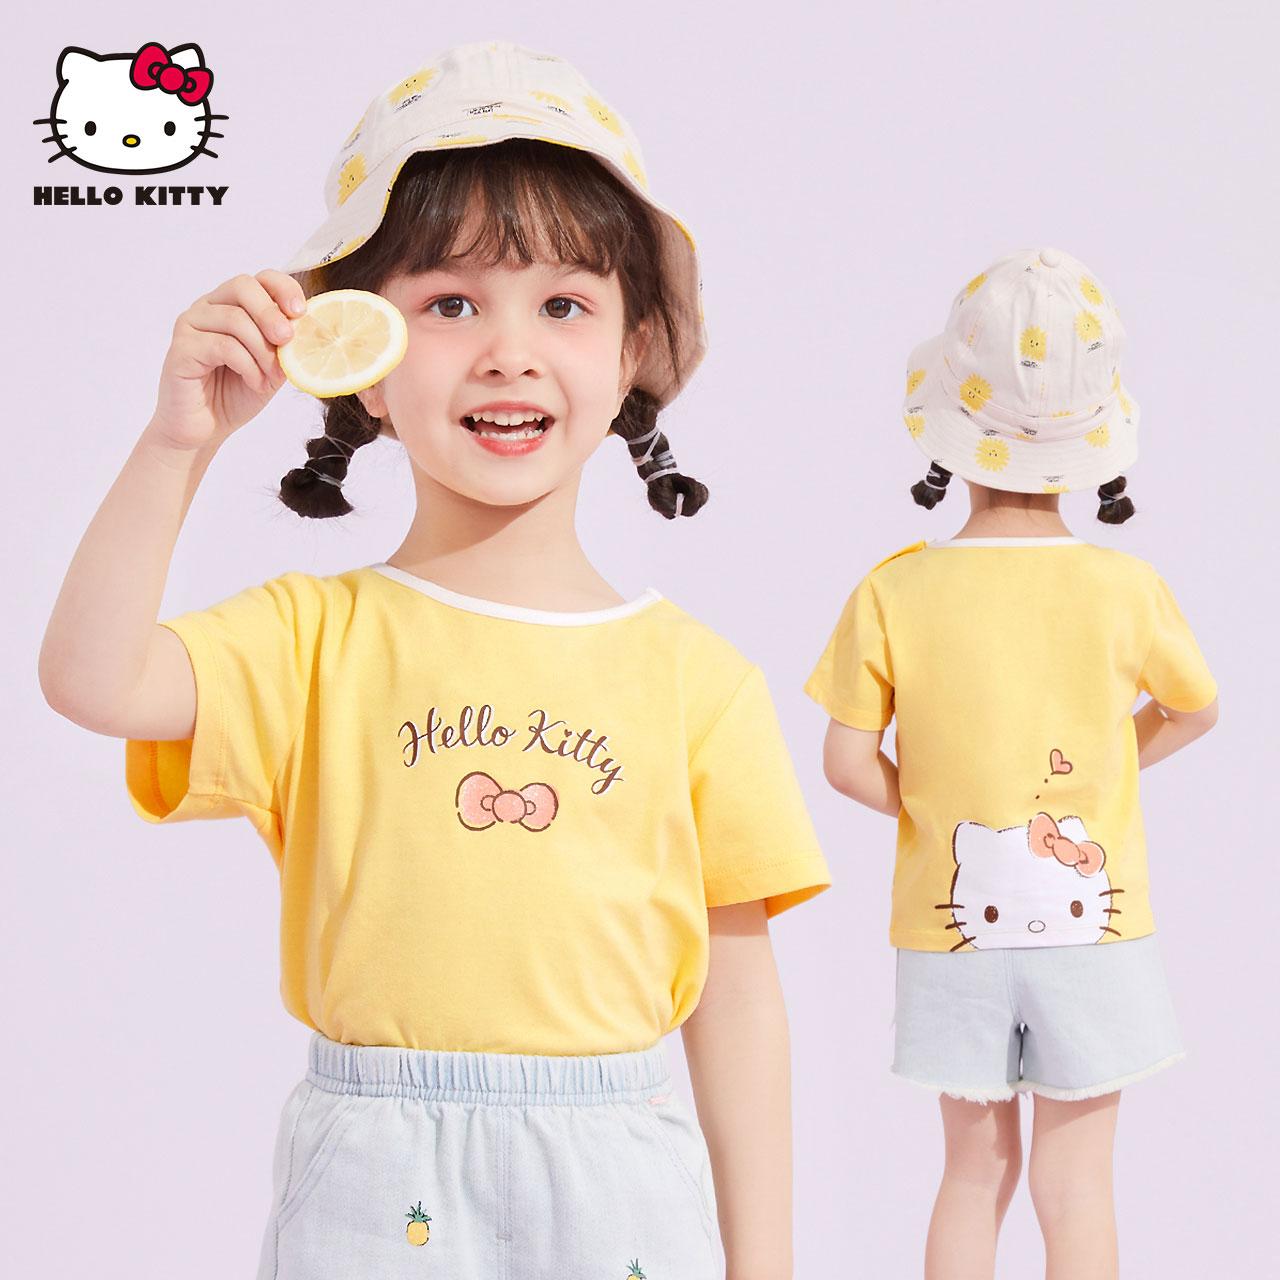 hellokitty女童宝宝短袖T恤夏季婴儿半袖体恤儿童装白色洋气上衣